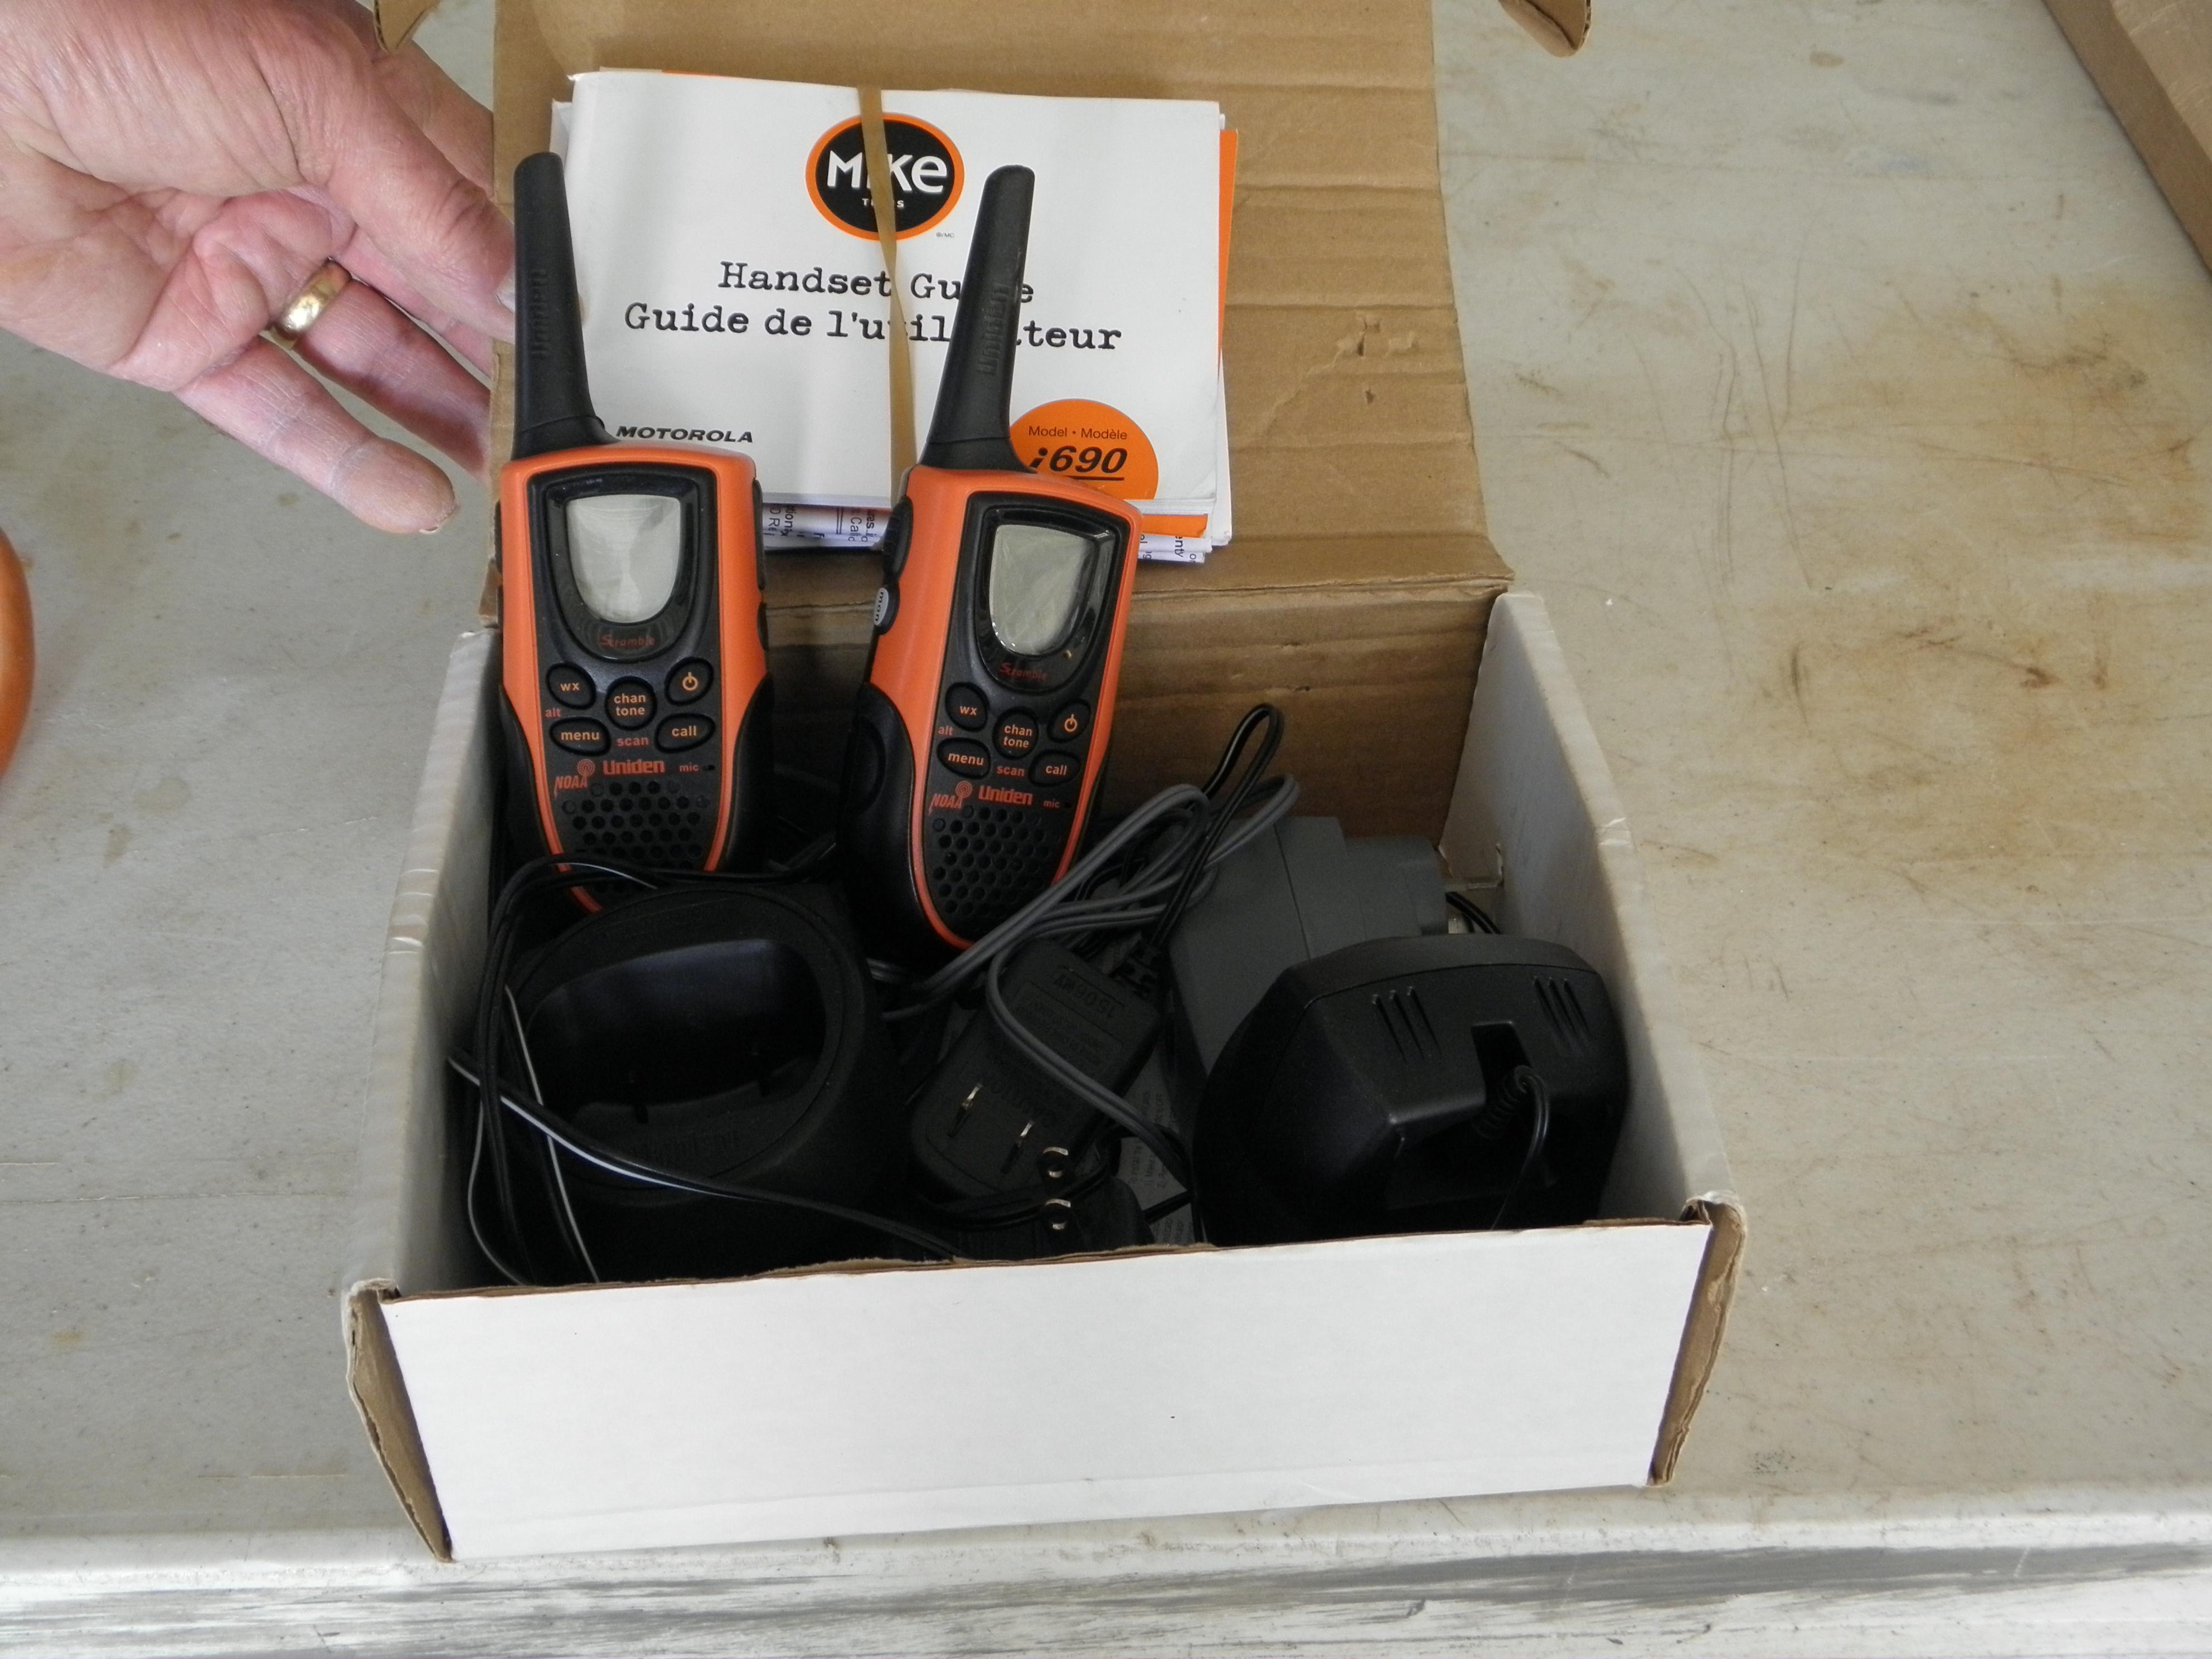 Mike Handheld Radios